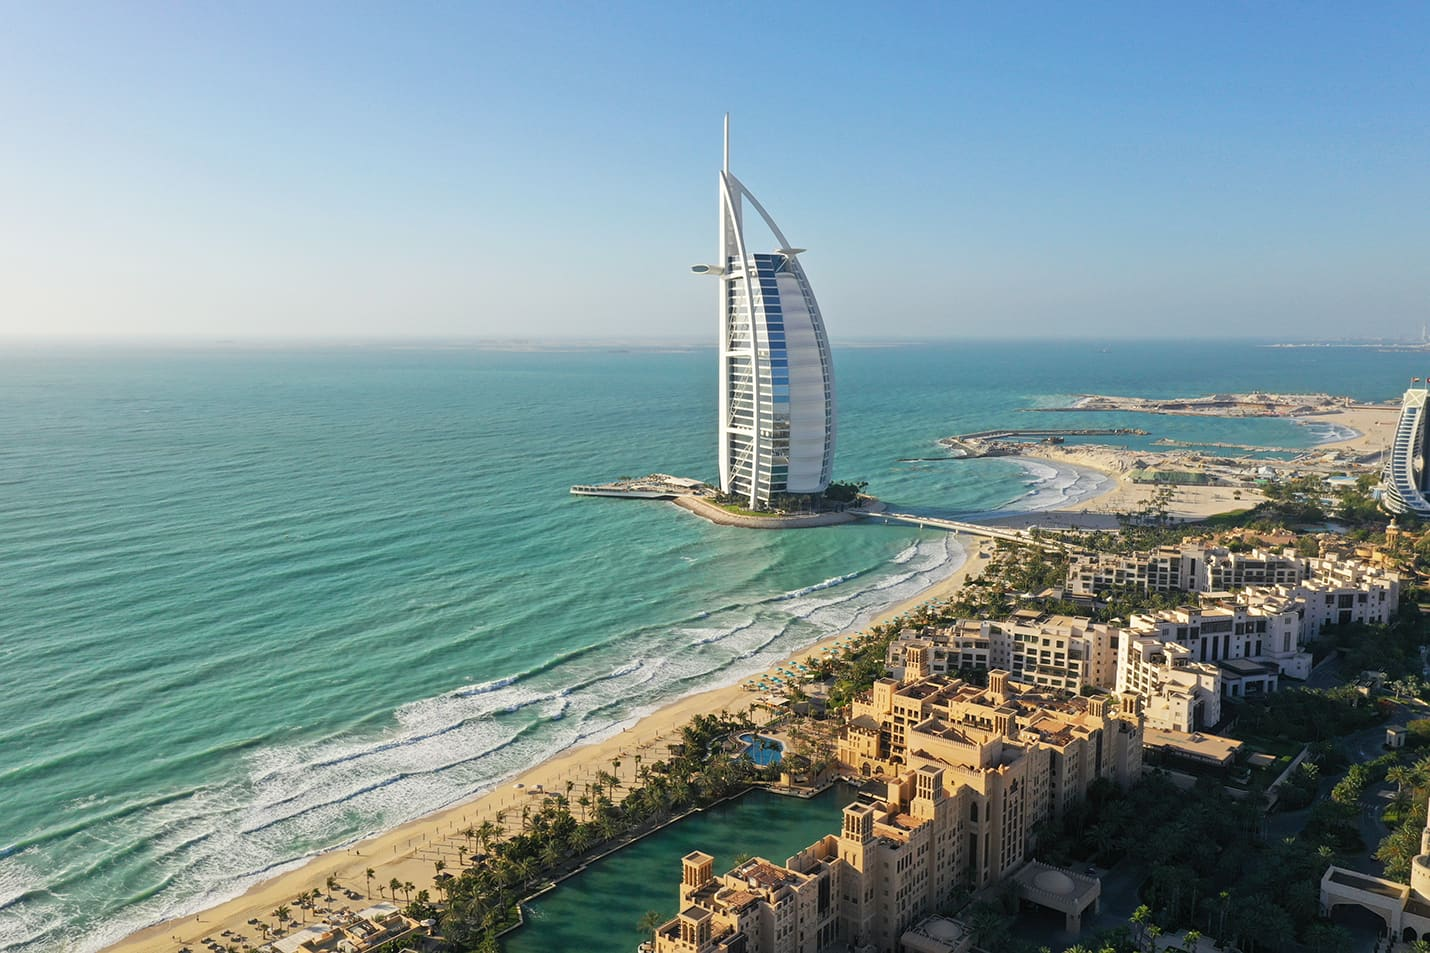 I nostri consigli per chi si appresta a visitare Dubai per la prima volta | Visit Dubai